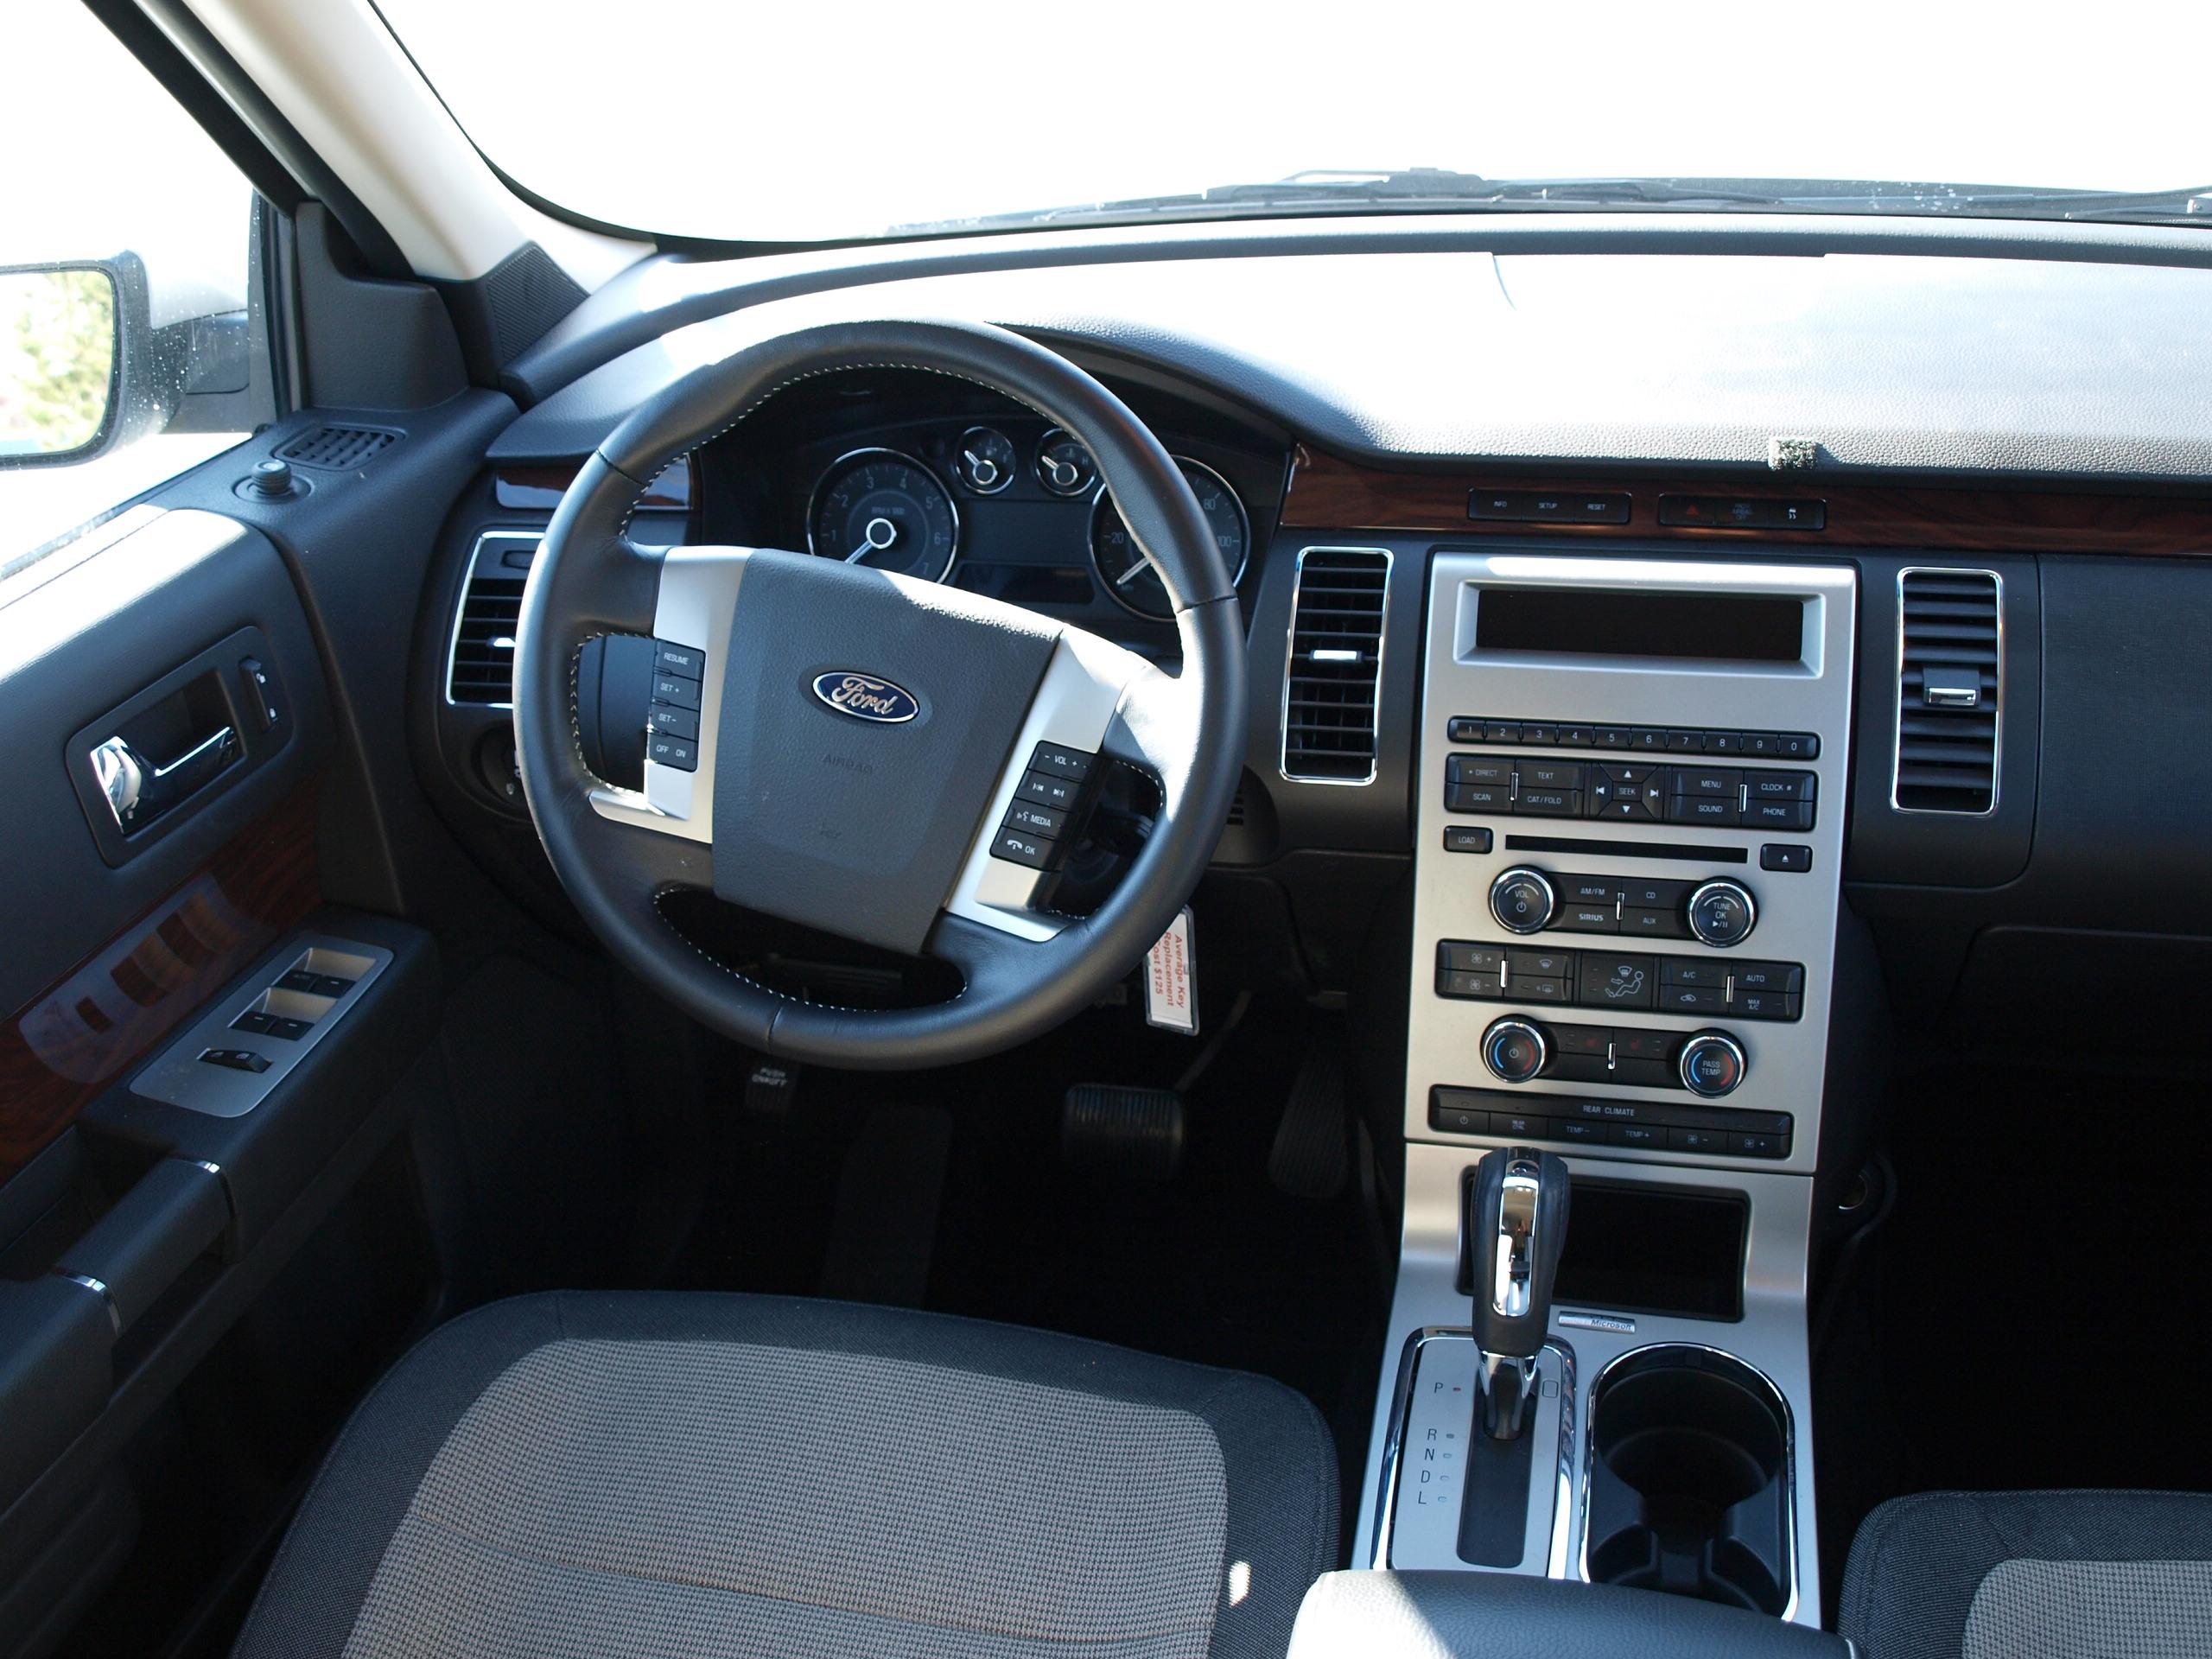 Ford Flex 03.jpg